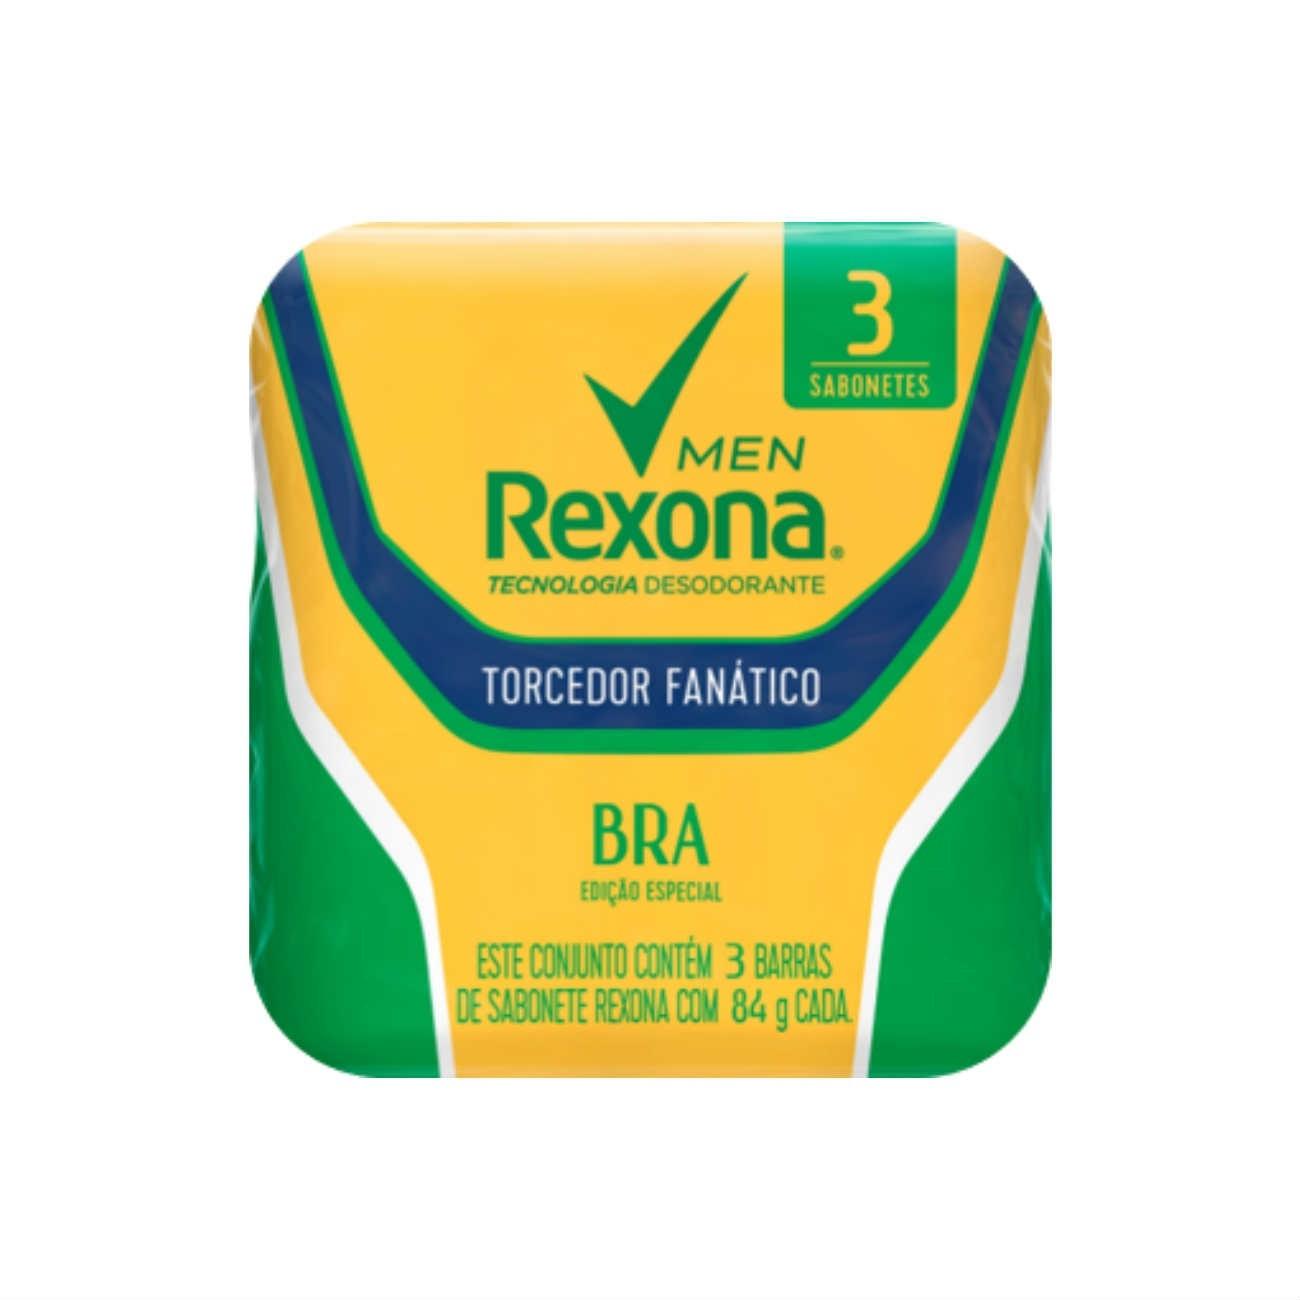 Multipack 3 Sabonetes em Barra Rexona Torcedor Fanático Verde 84g